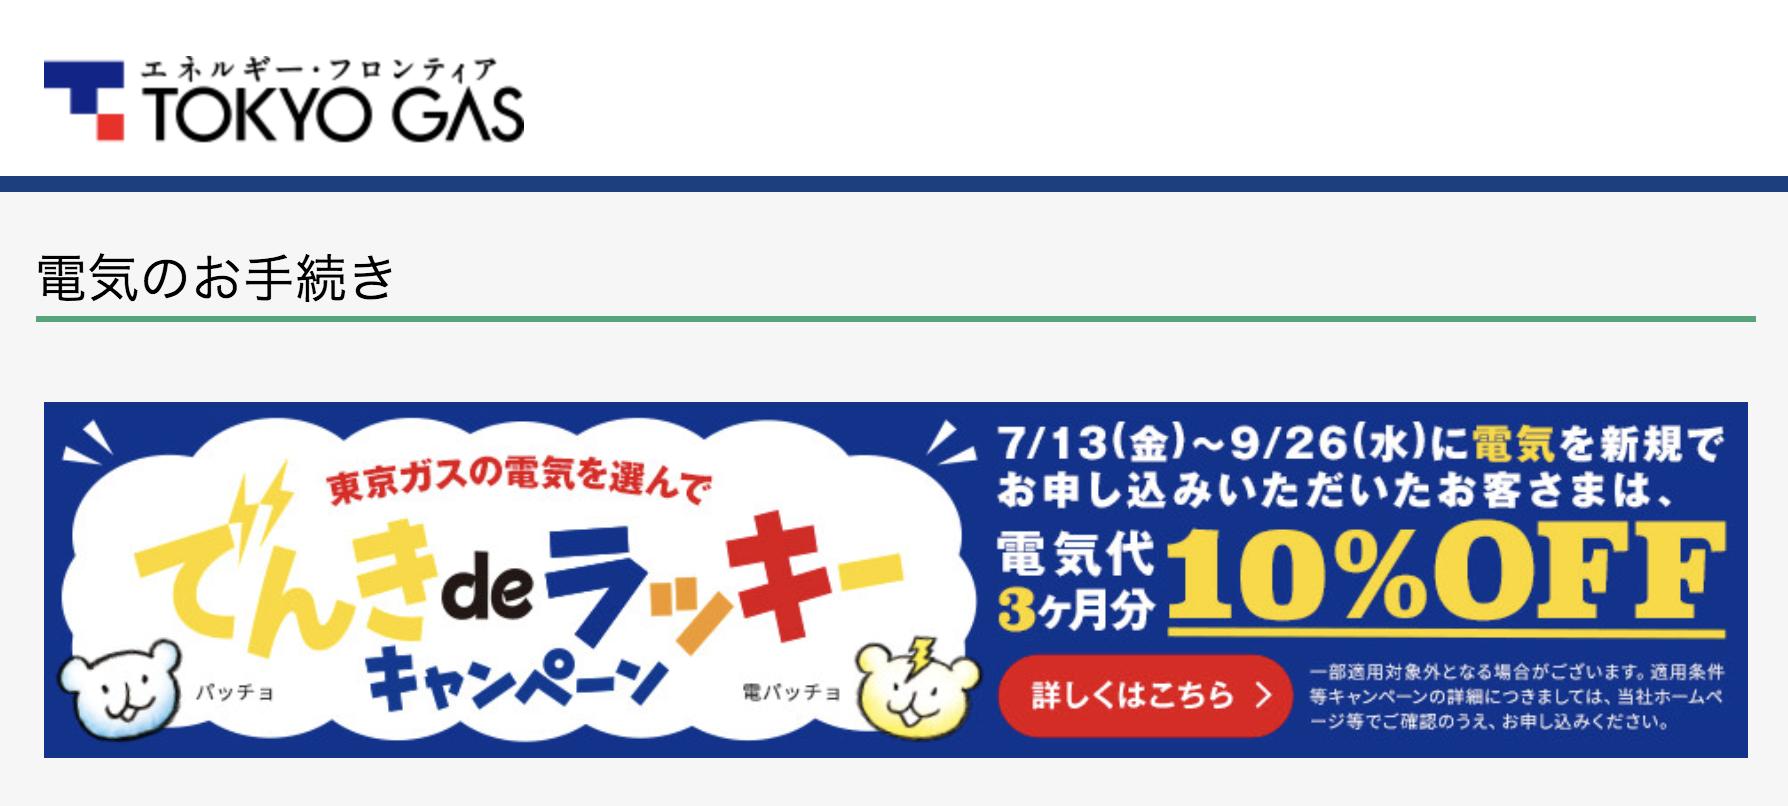 東京ガス キャンペーンコード 東京電力